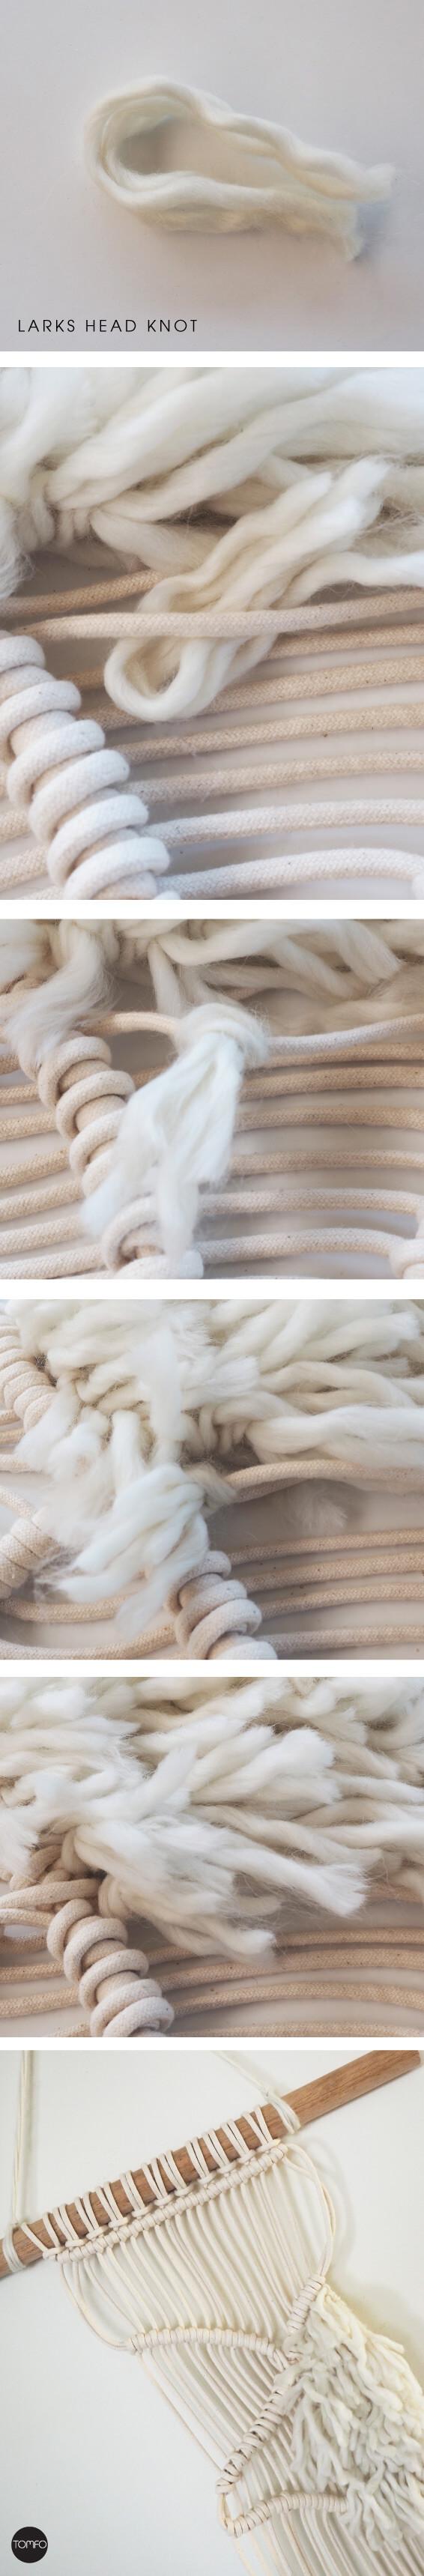 DIY-Macrame-hanging-Larks-head-knot-Tomfo